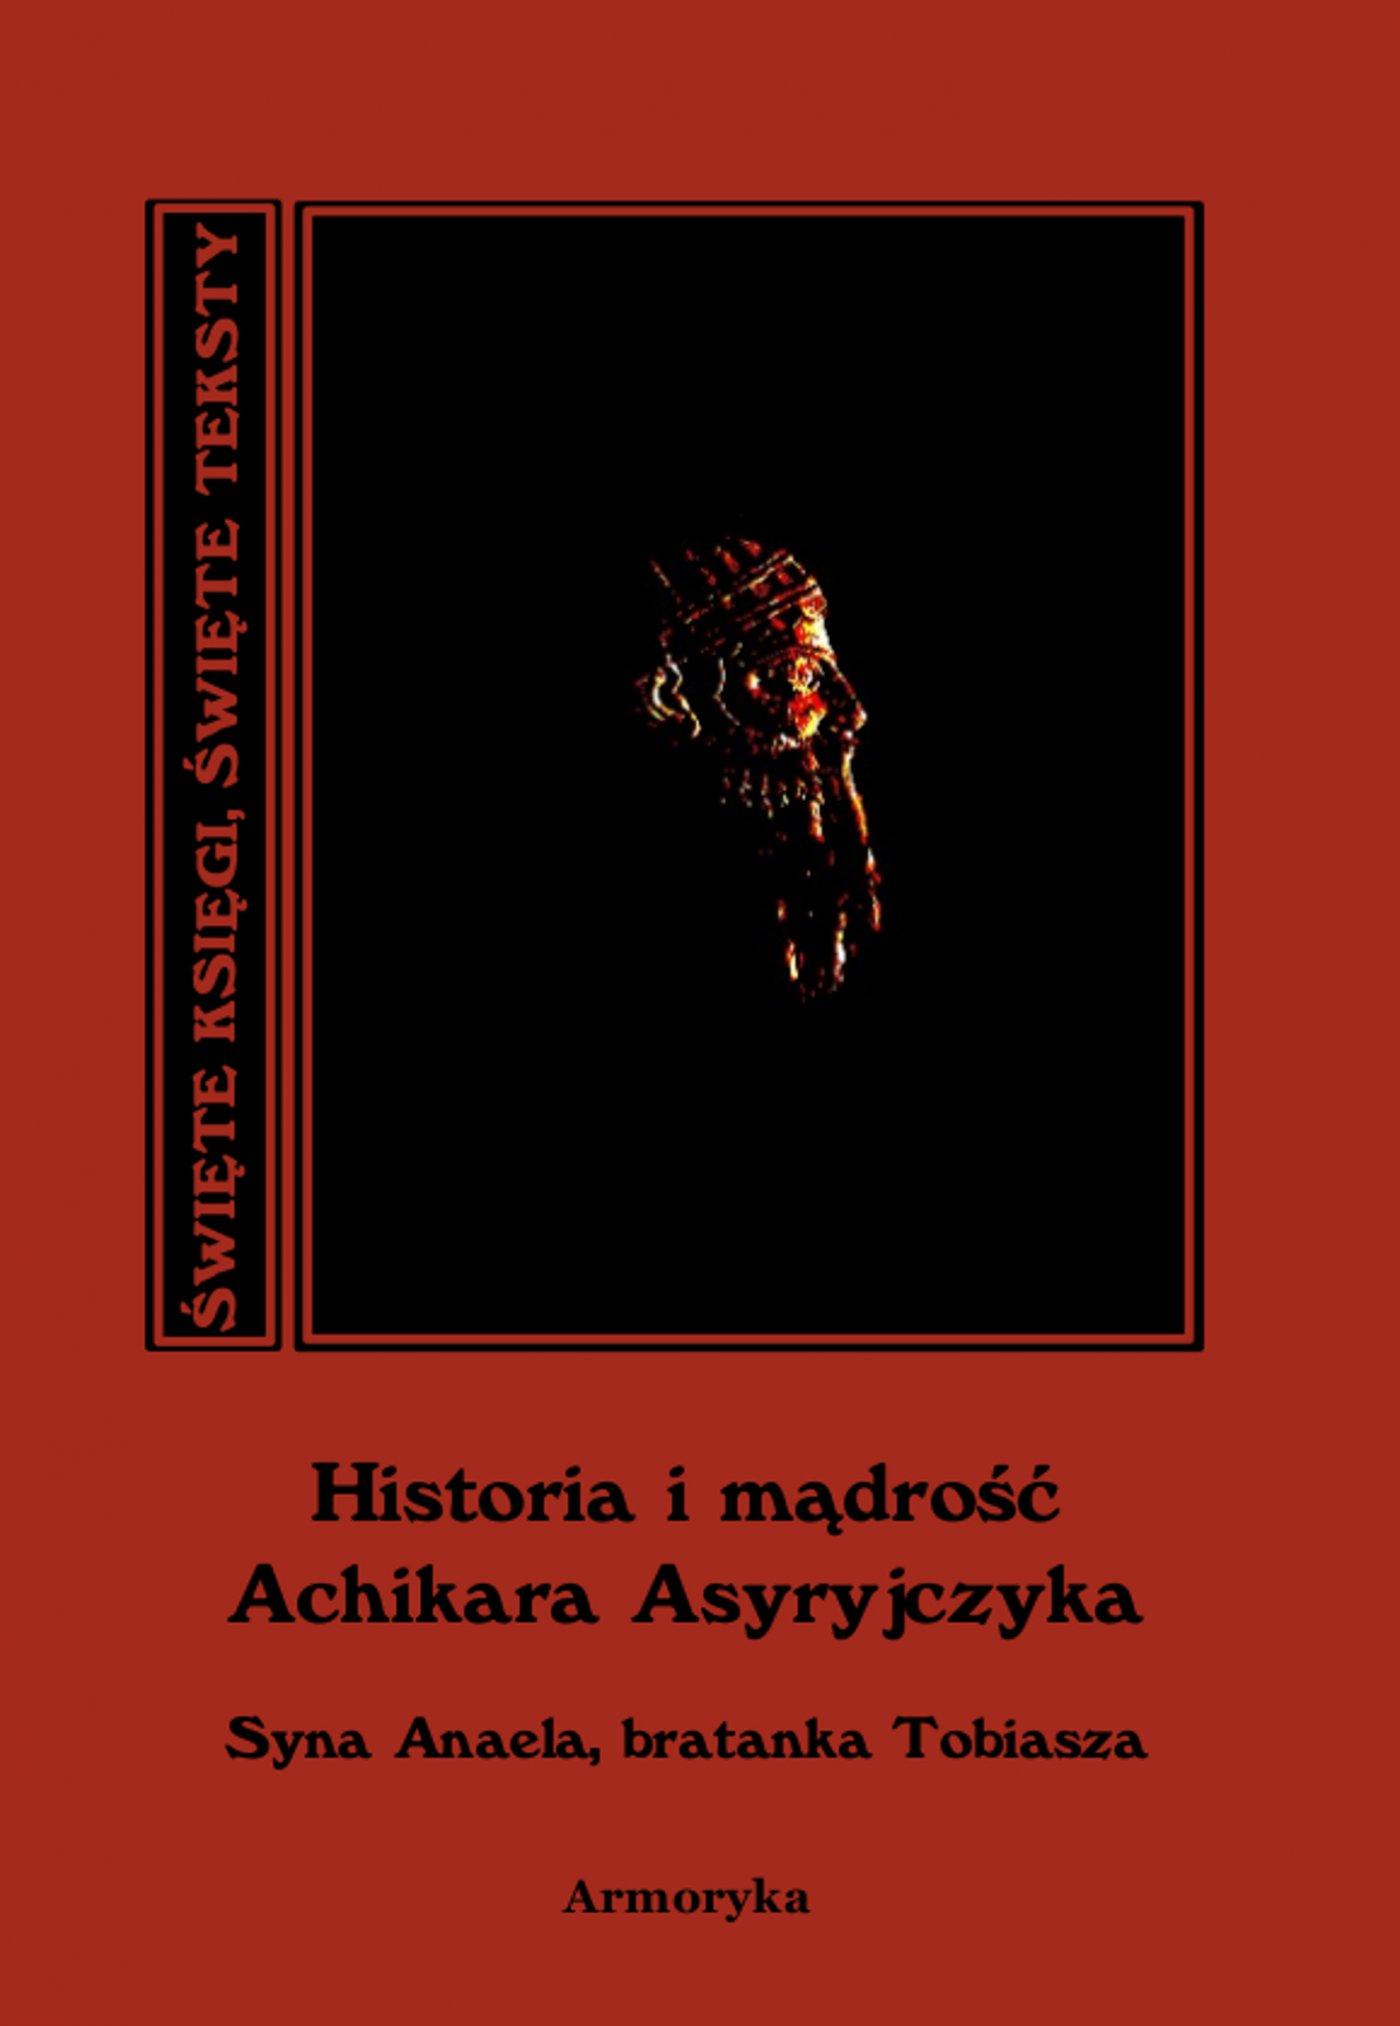 Historia i mądrość Achikara Asyryjczyka (syna Anaela, bratanka Tobiasza) - Ebook (Książka EPUB) do pobrania w formacie EPUB